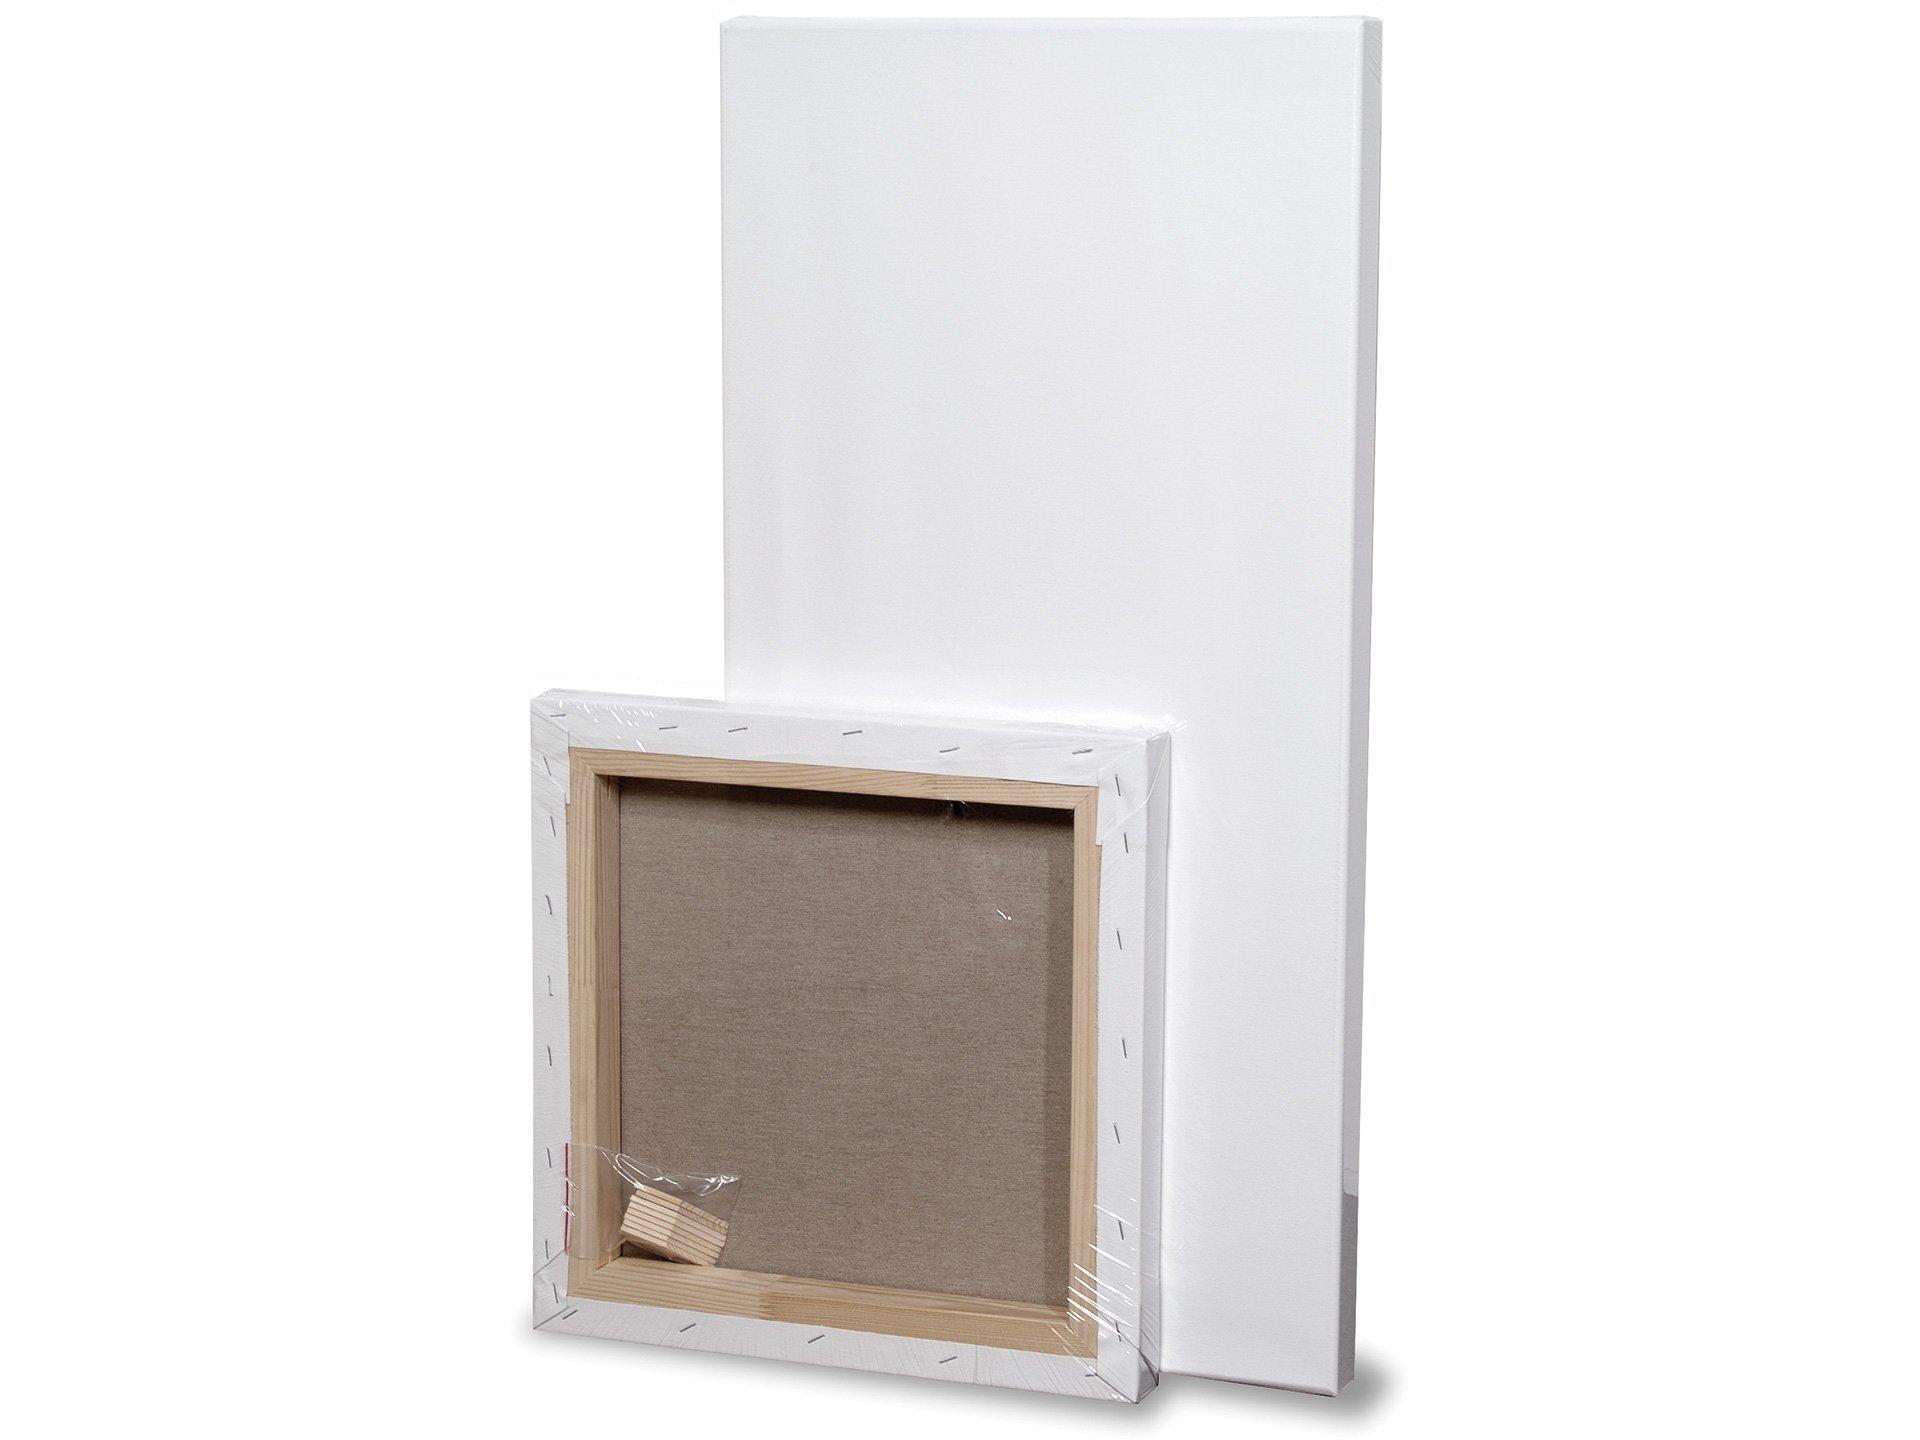 Bespannte Keilrahmen, LH = 40 mm, Baumwollgewebe C kaufen | Modulor